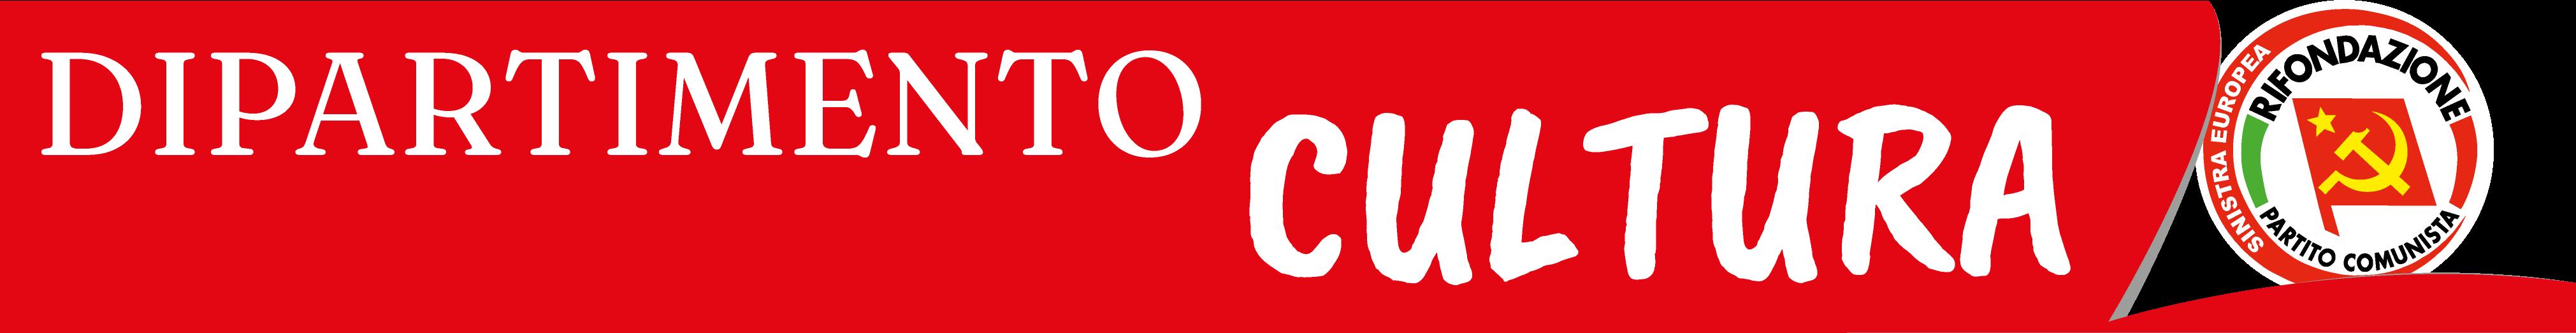 banner_2_cultura